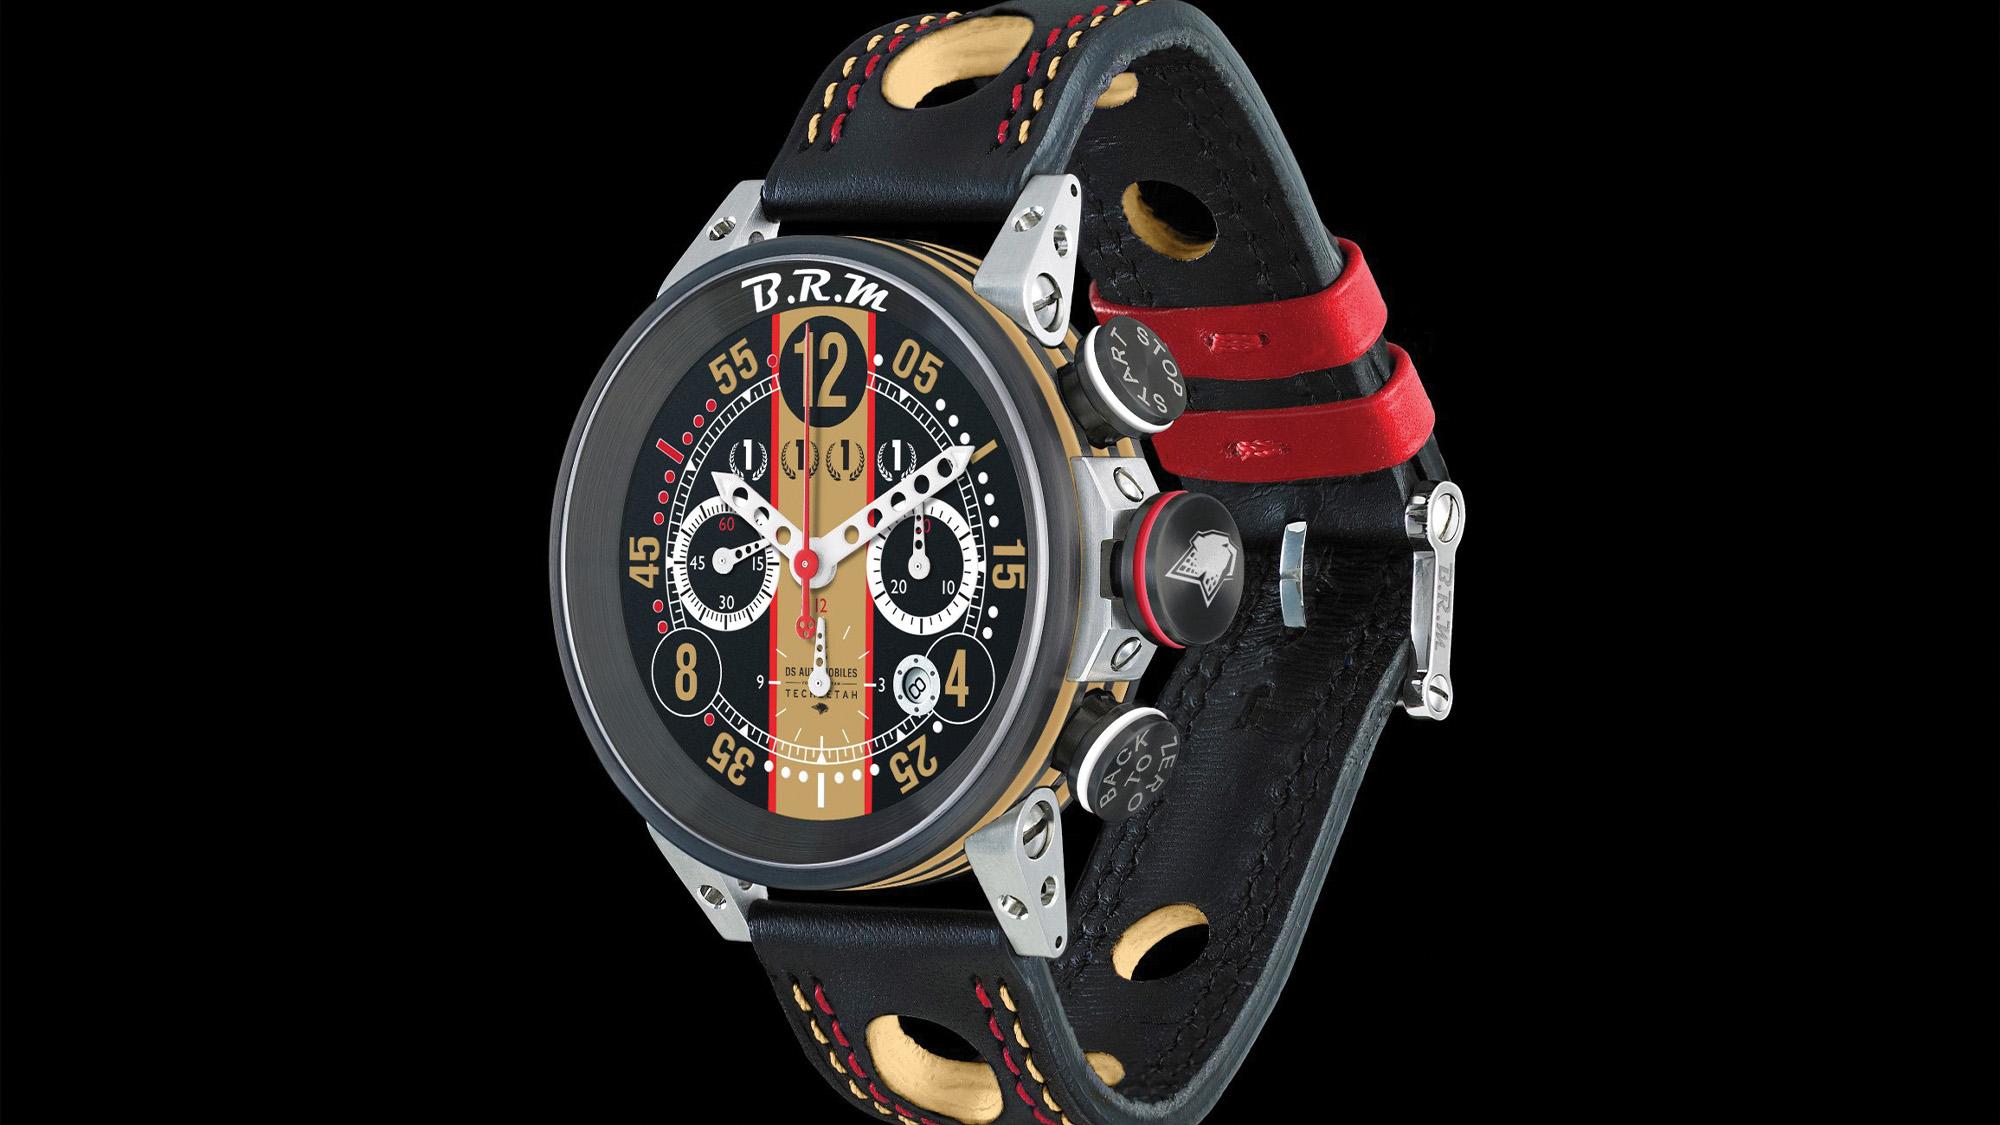 BRM watch